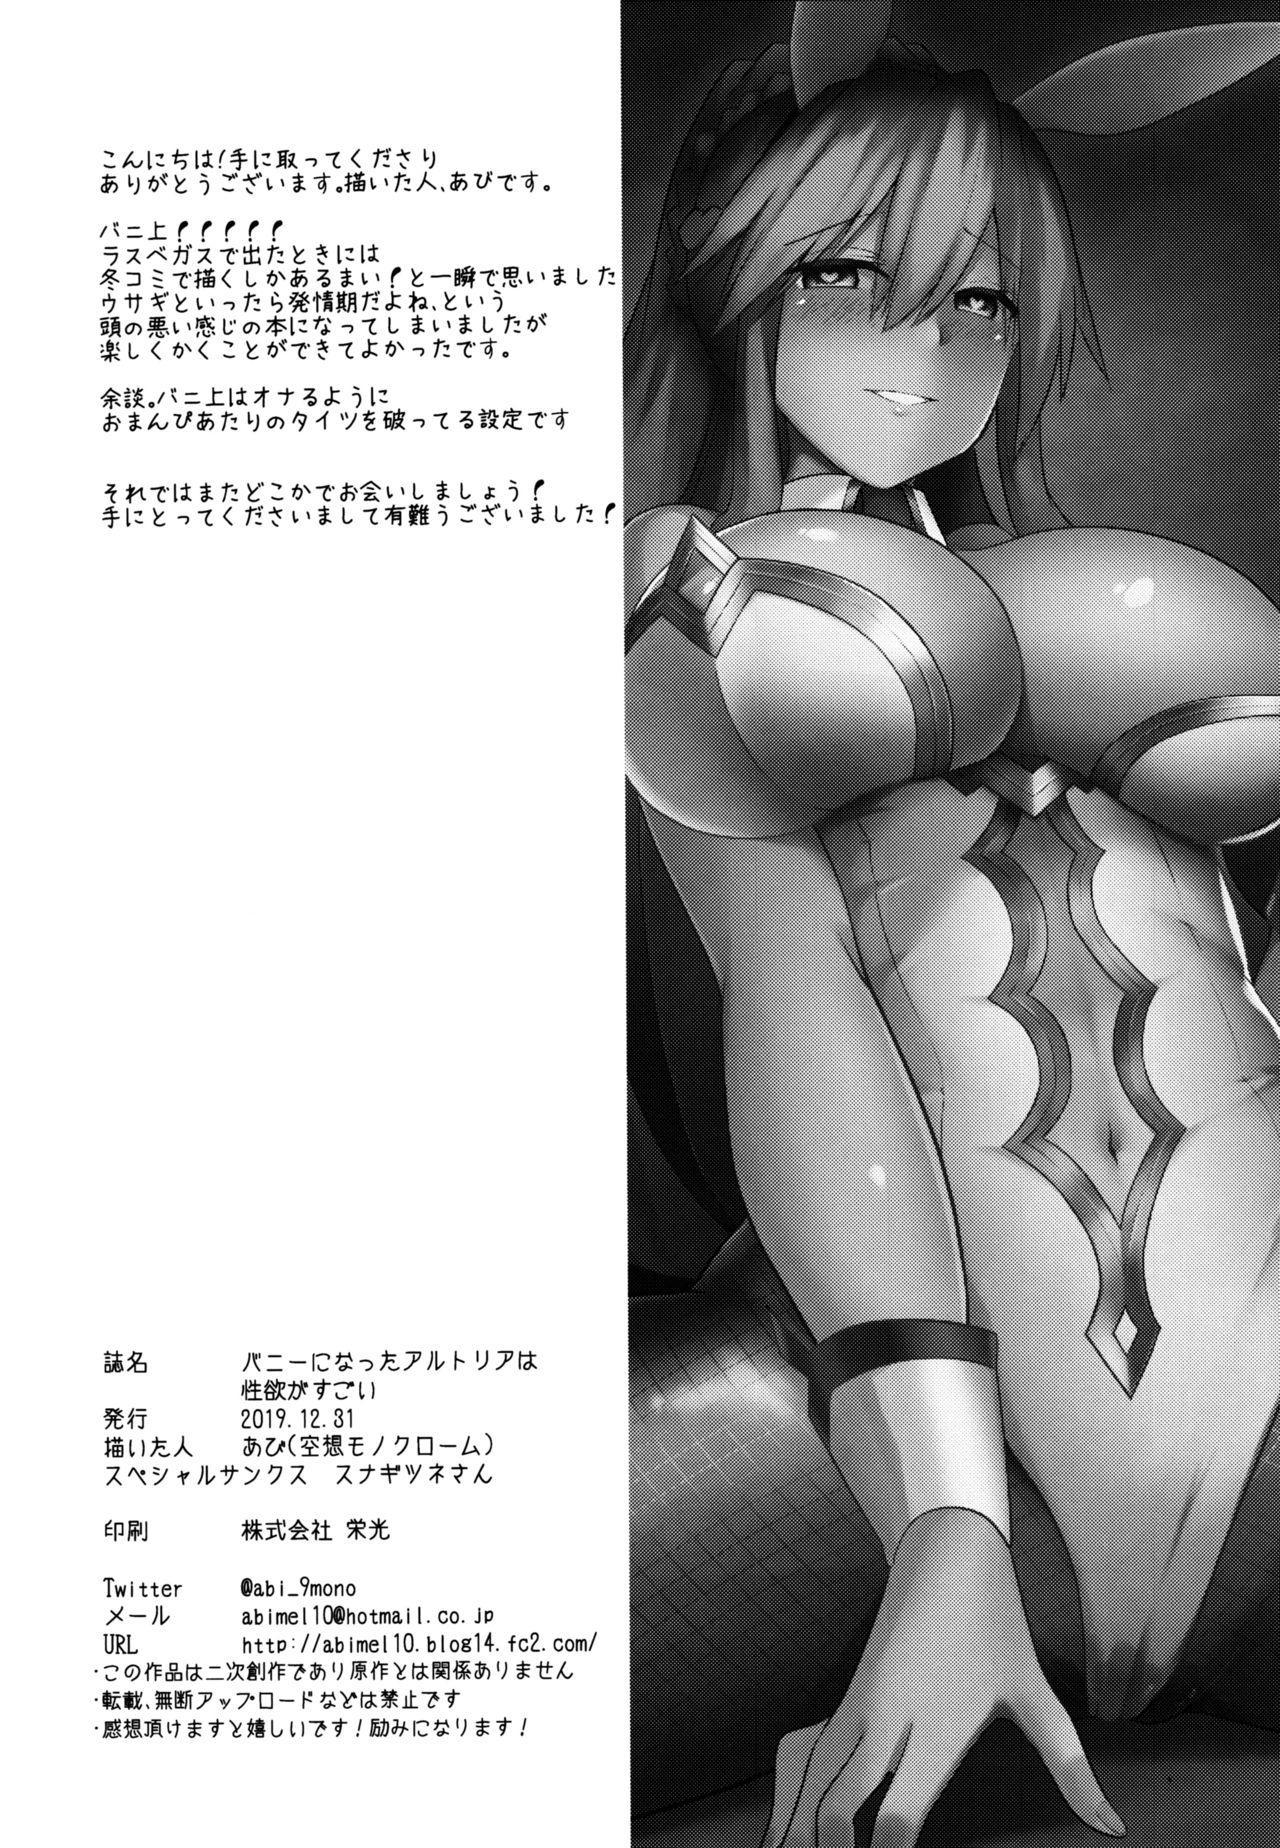 Bunny ni Natta Artoria wa Seiyoku ga Sugoi 20